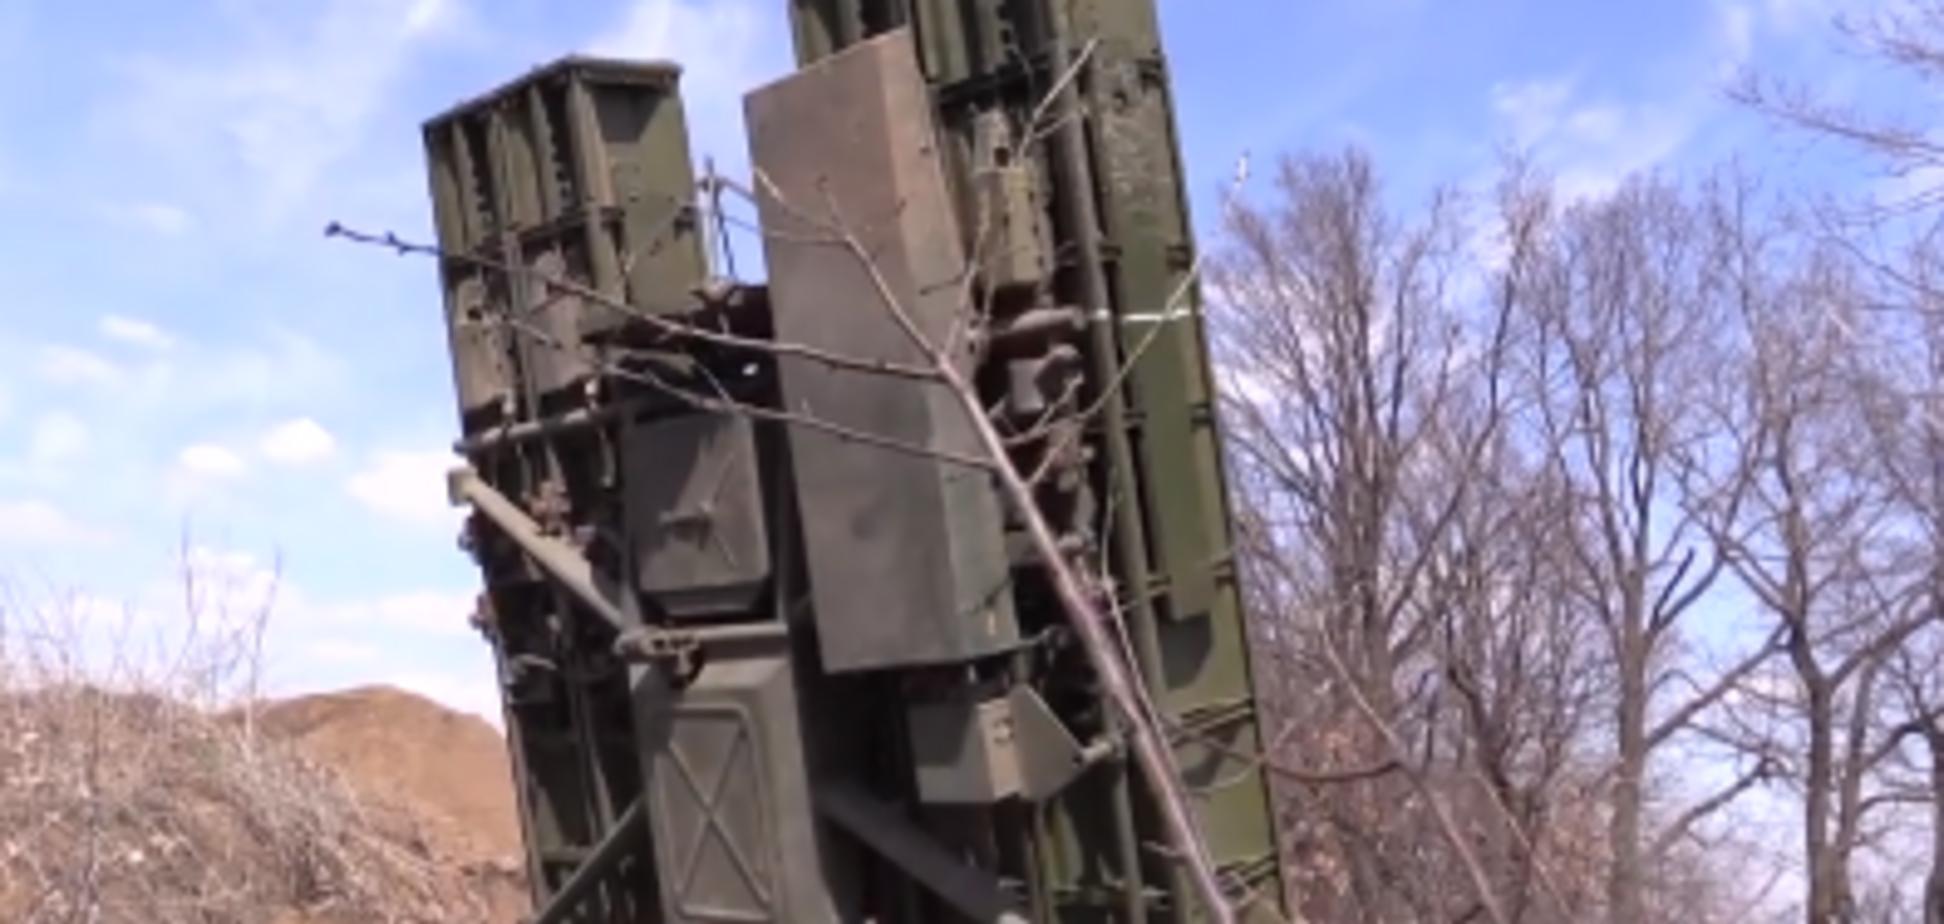 Враг не пройдет! ВСУ в мощном видео показали плотную оборону на Донбассе